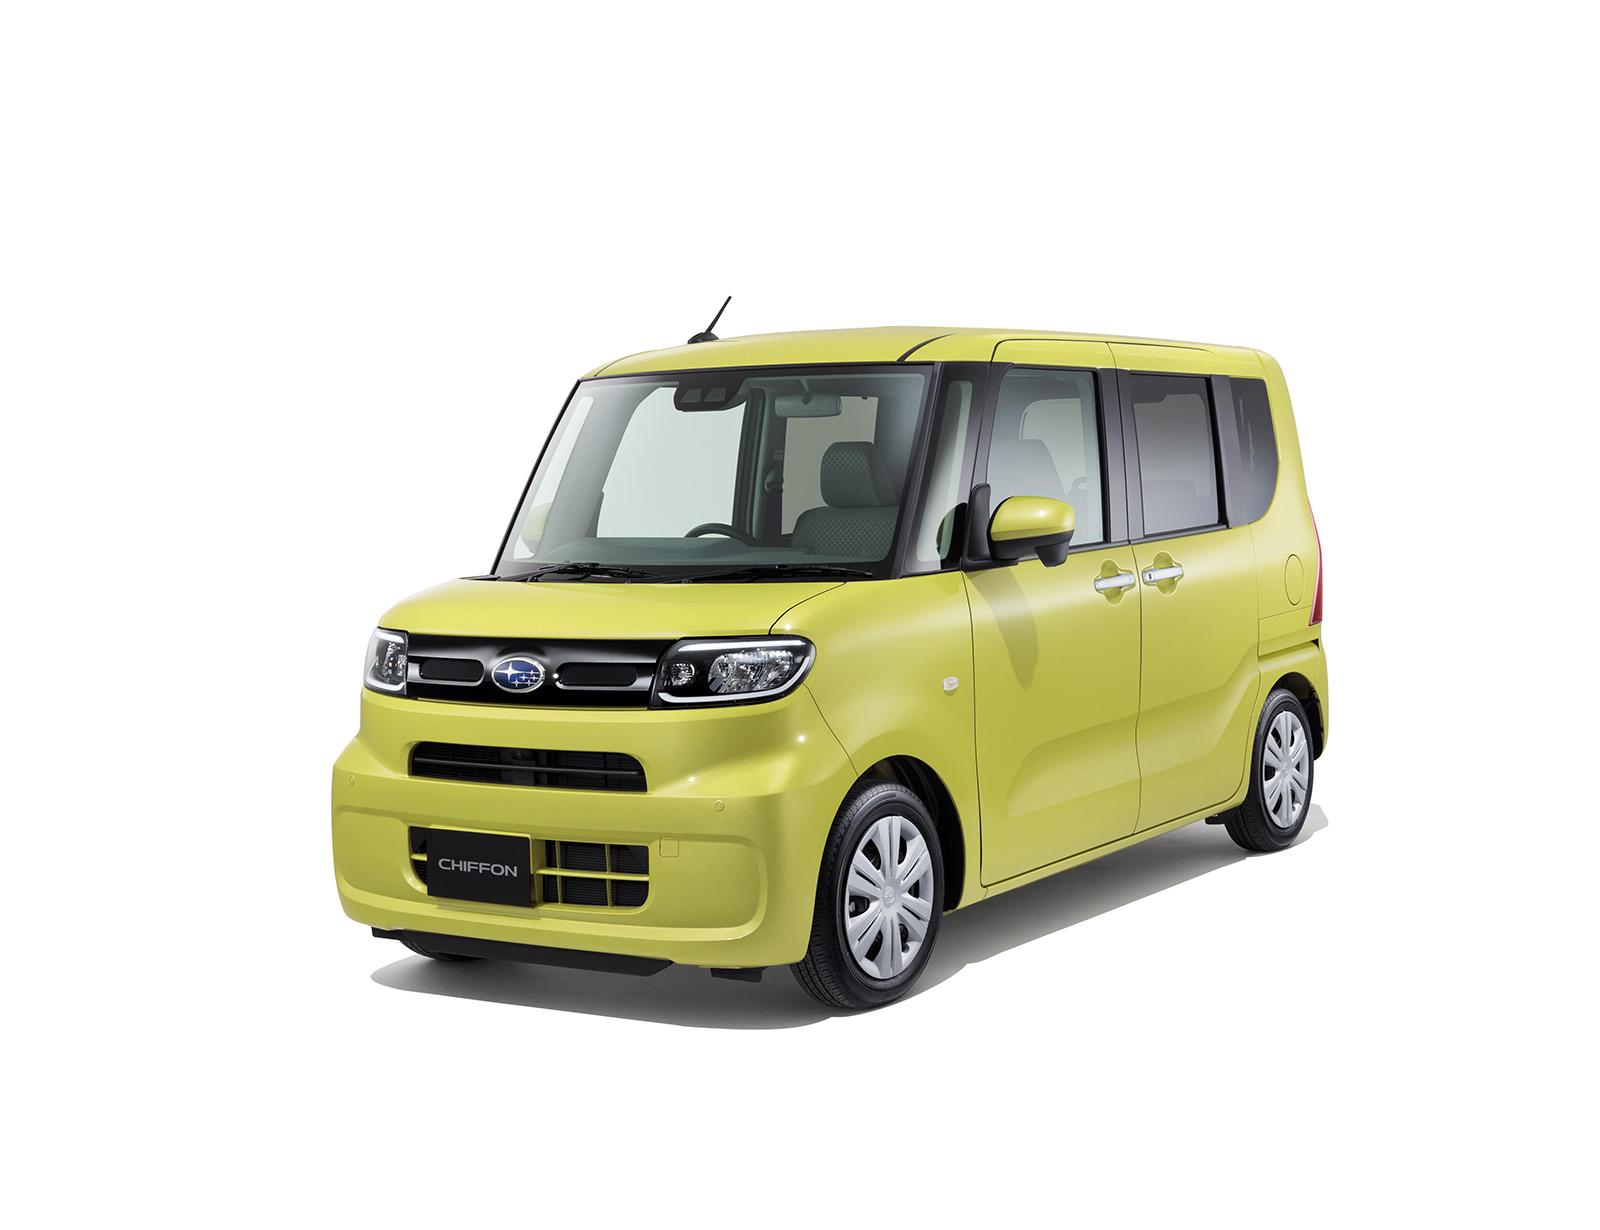 通勤、ドライブ、キャンプ、実用的で使いやすい軽自動車6選